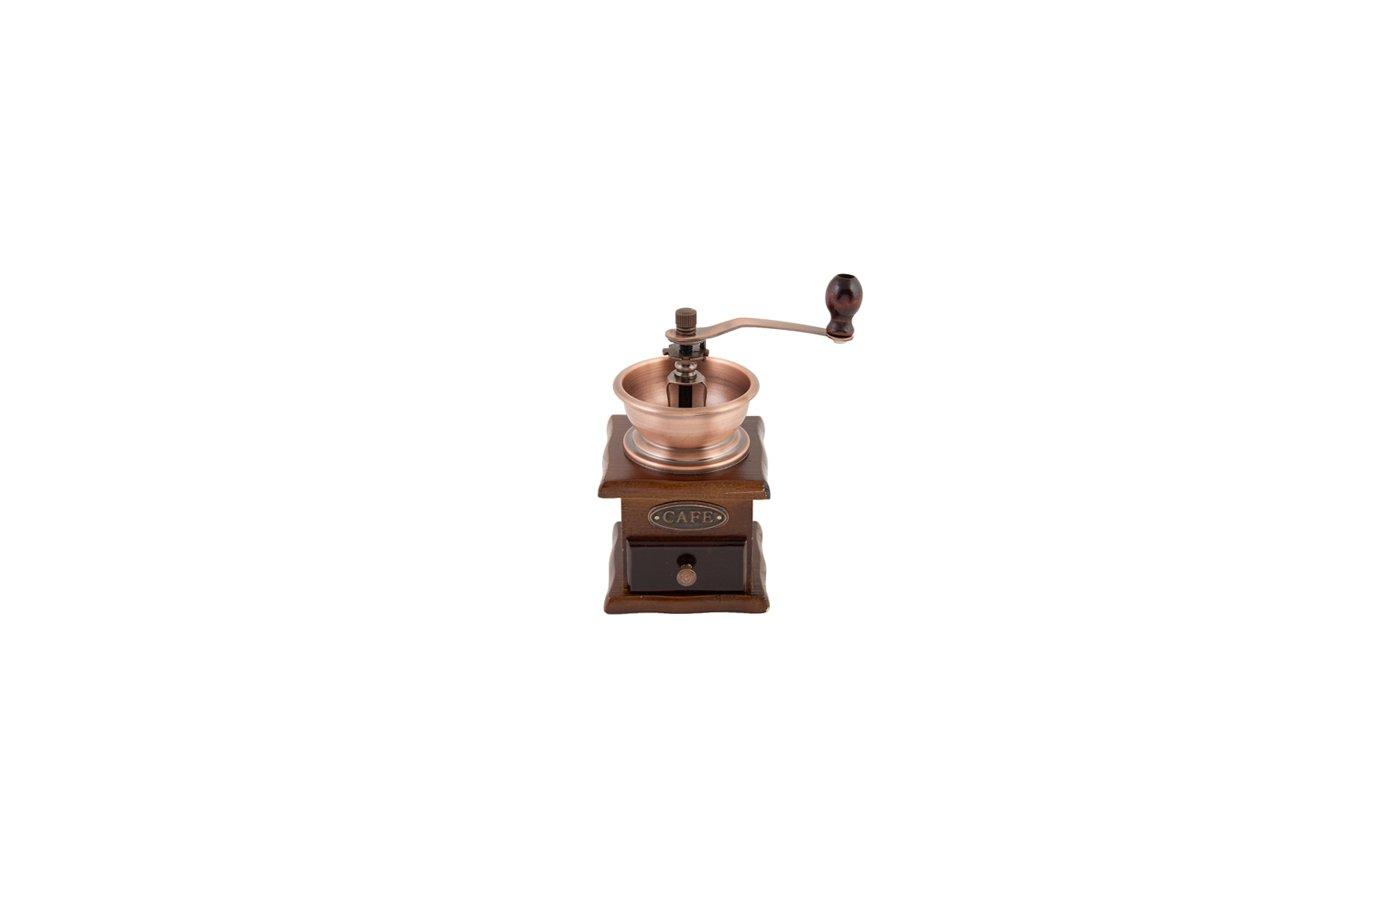 Кухонные инструменты VETTA 827-001 Кофемолка с деревянным основанием